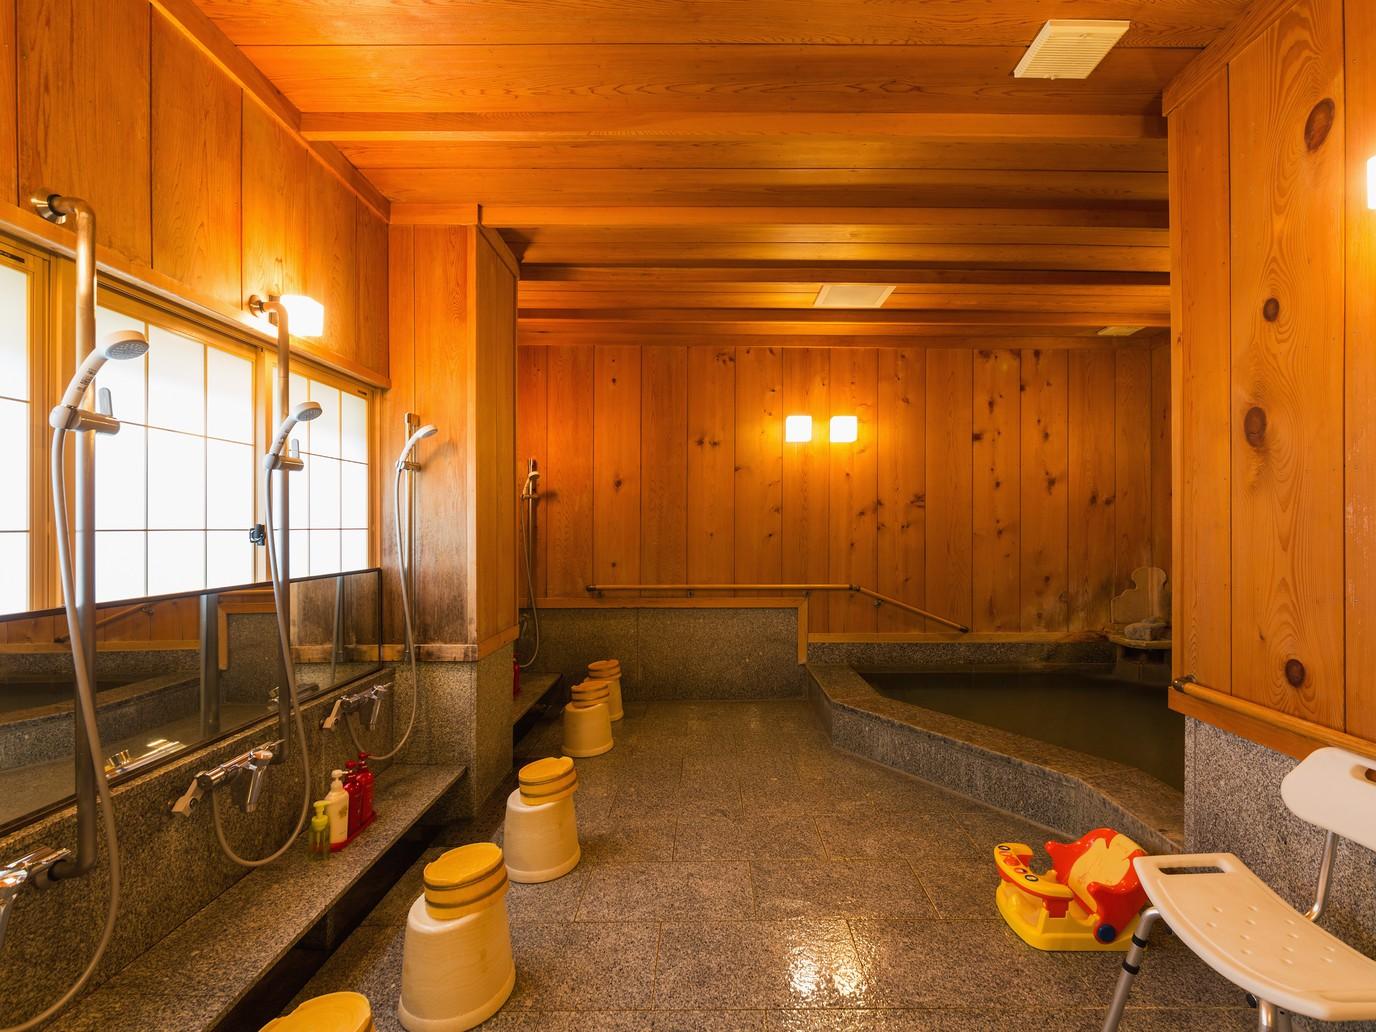 【大風呂】飛騨高山温泉です。旅の疲れを癒してくれます。